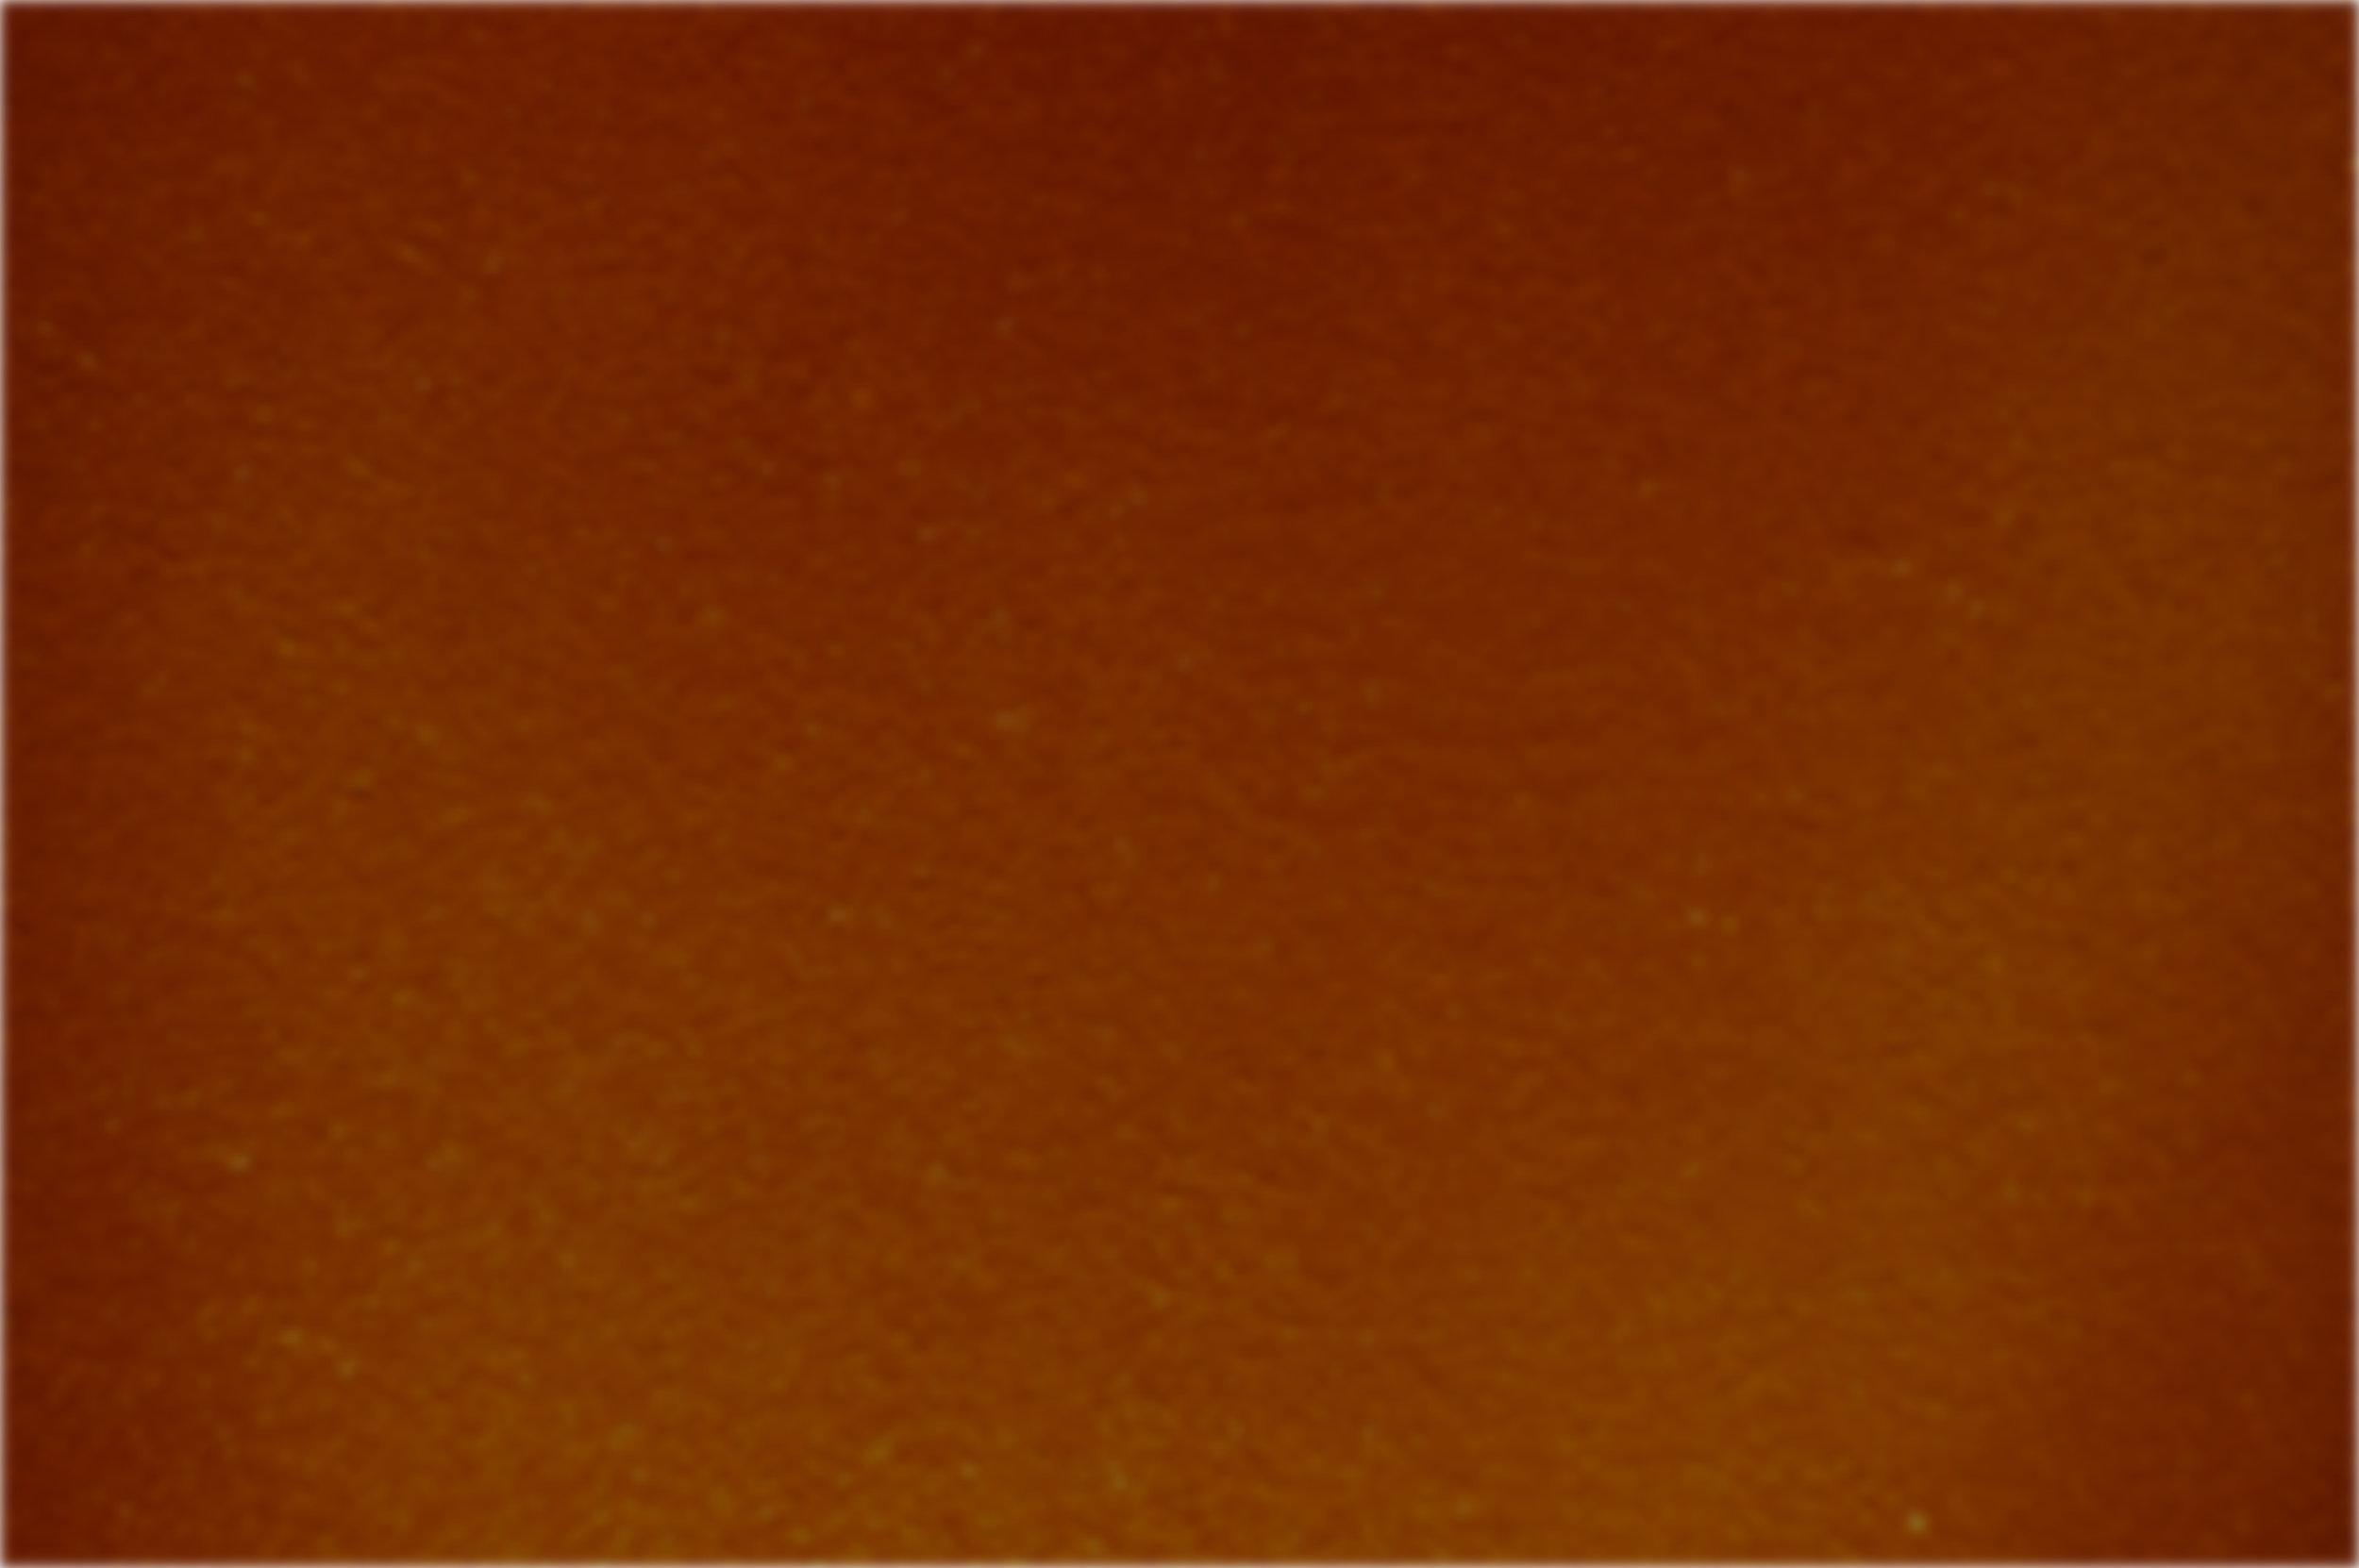 orange-texture-darker-blur.jpg